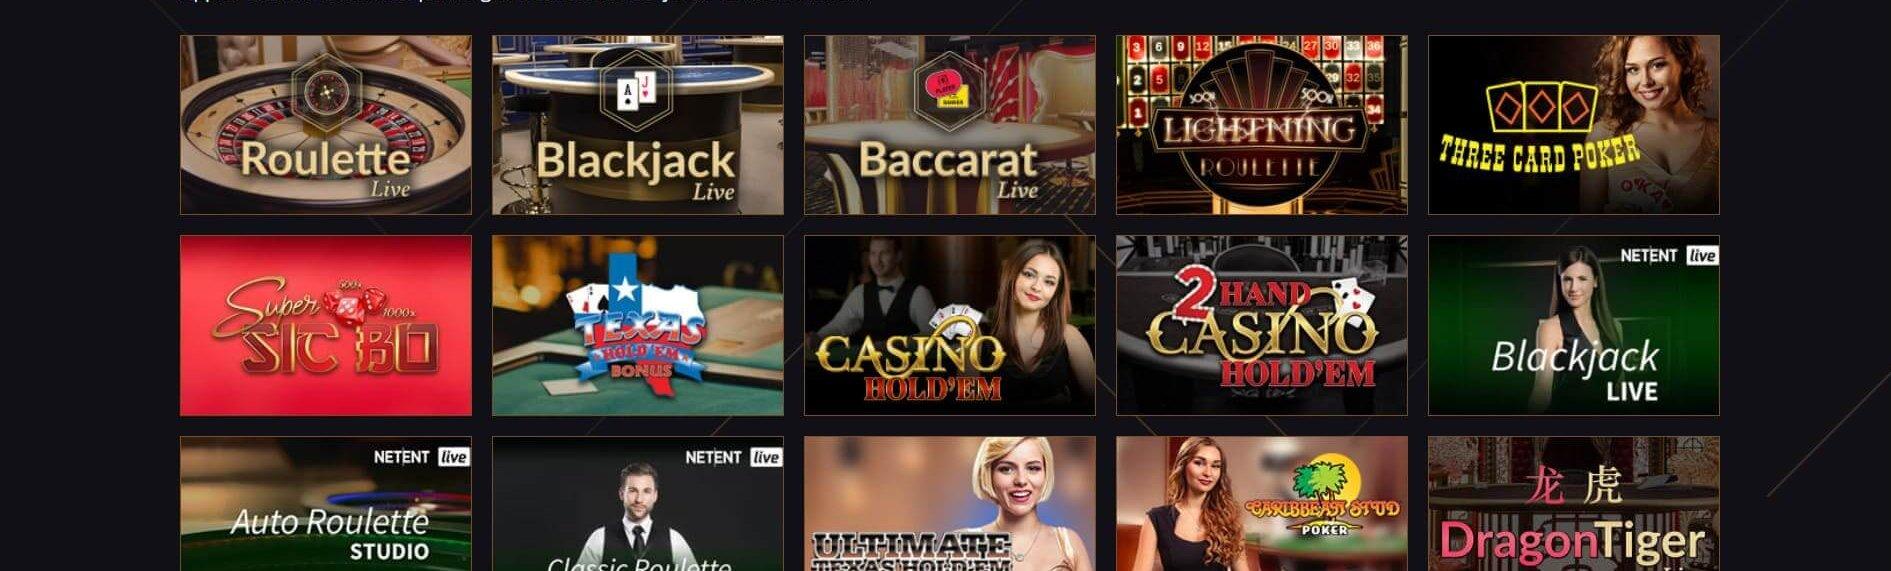 Live casino hos 21Casino består av 15 bord för dig att avnjuta